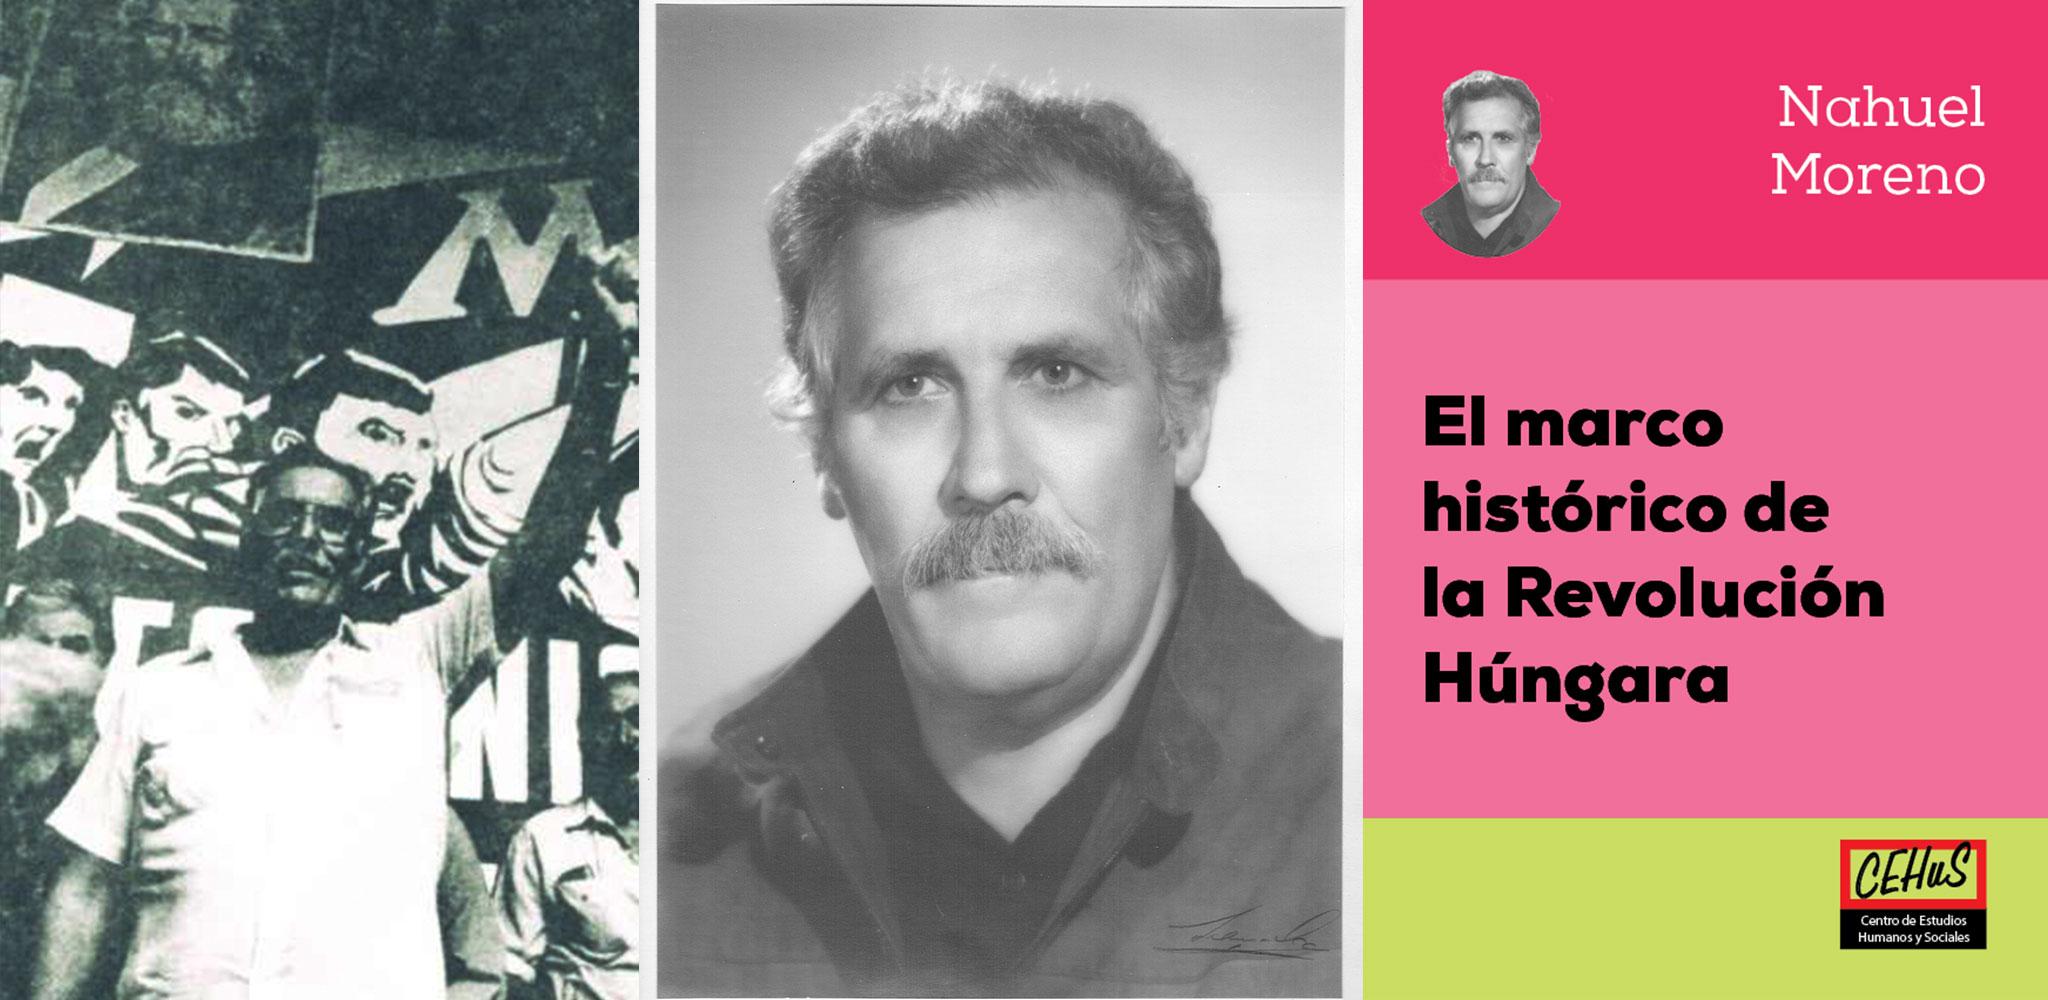 EL MARCO HISTÓRICO DE LA REVOLUCIÓN HÚNGARA (1957)